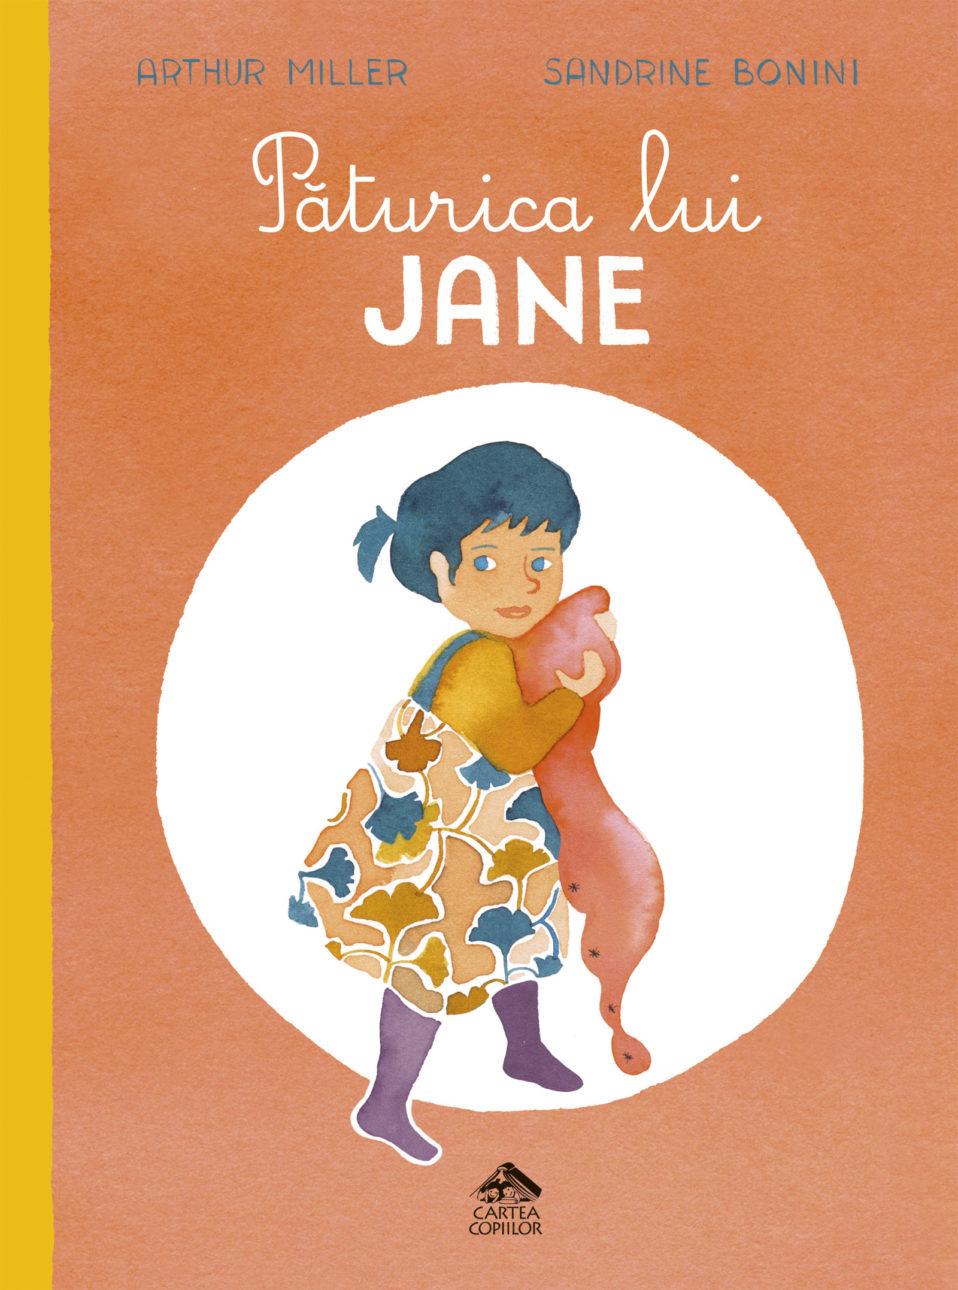 Păturica lui Jane, singura carte pentru copii scrisă de Arthur Miller